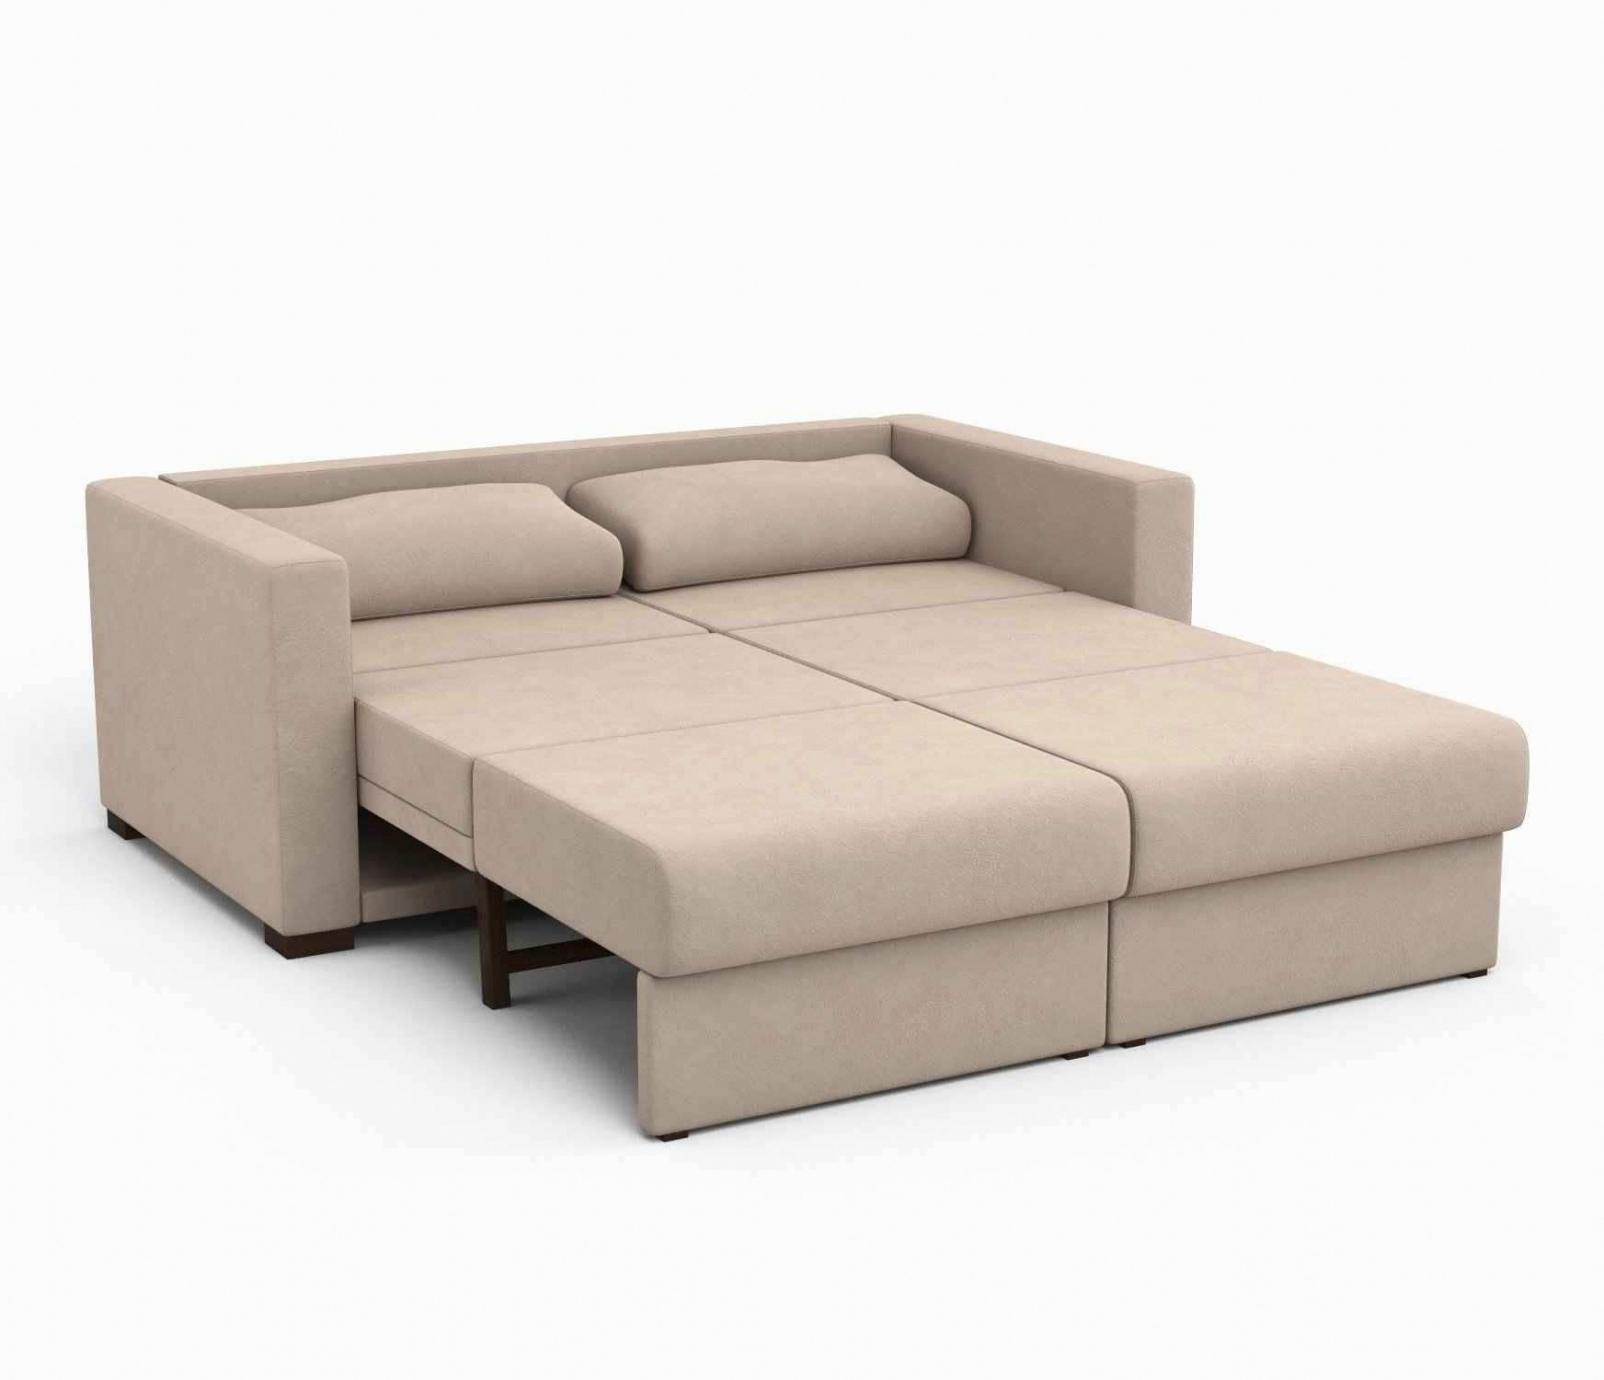 Sofas Cama En Conforama Ffdn sofas Cama Individual asombroso sofa Cama Ikea Home Design